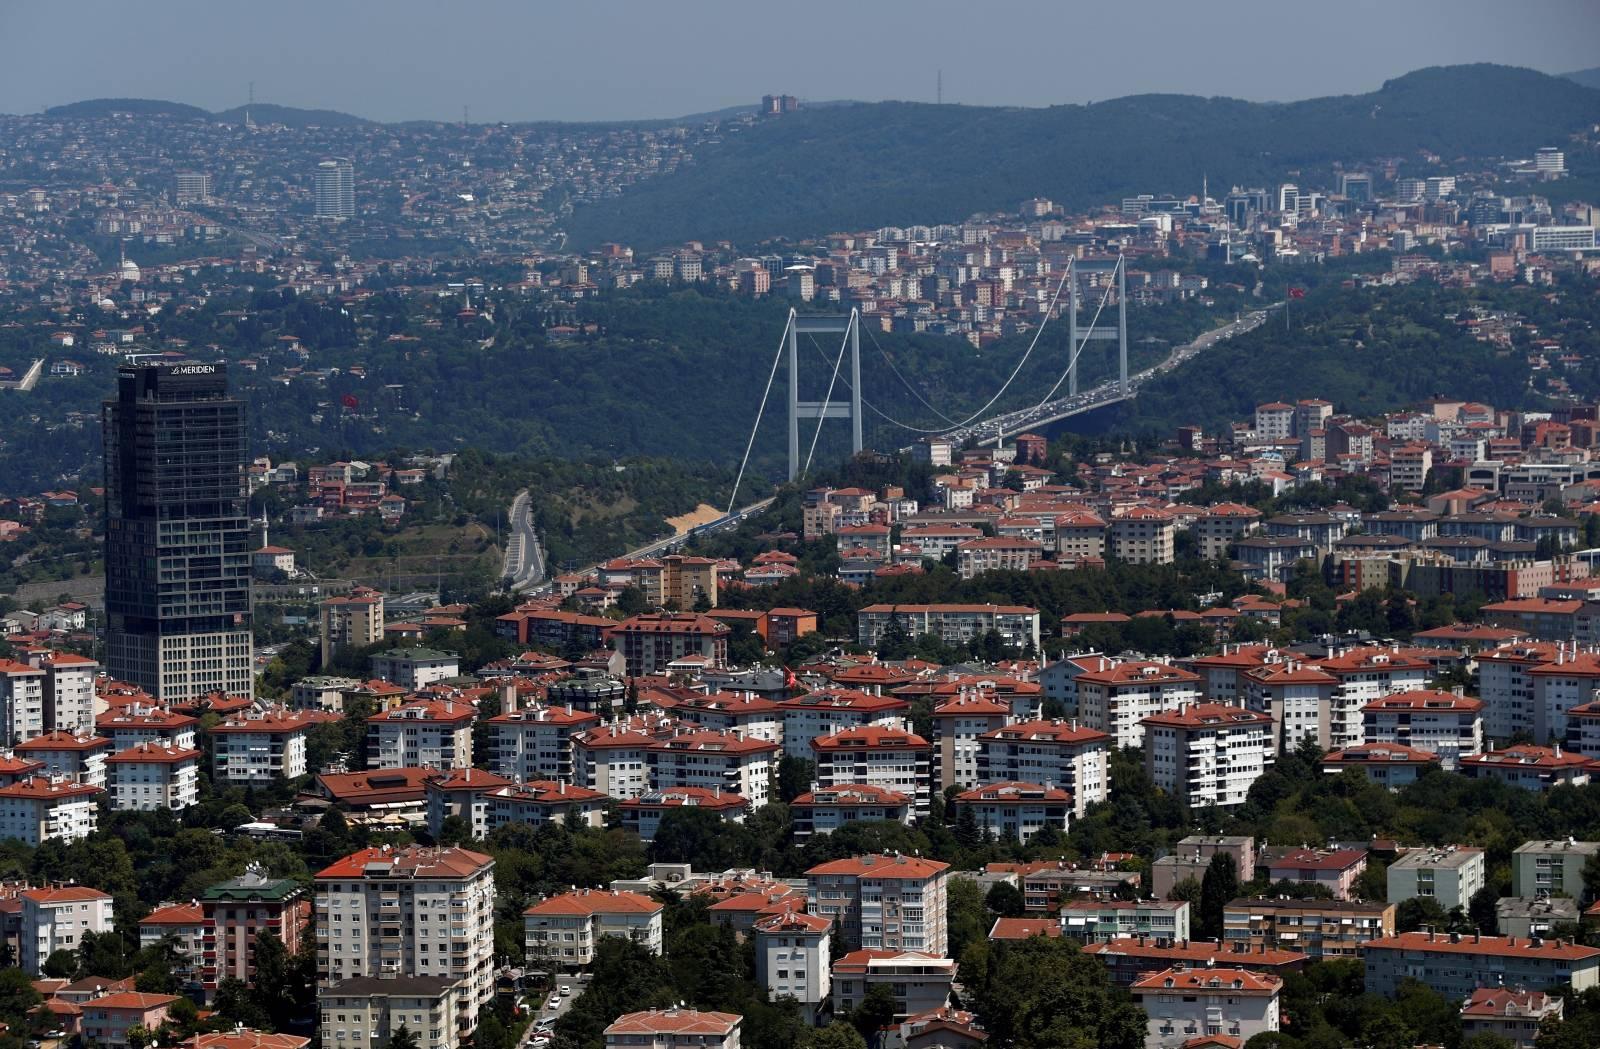 The Fatih Sultan Mehmet Bridge is seen behind residential apartment blocks in Istanbul